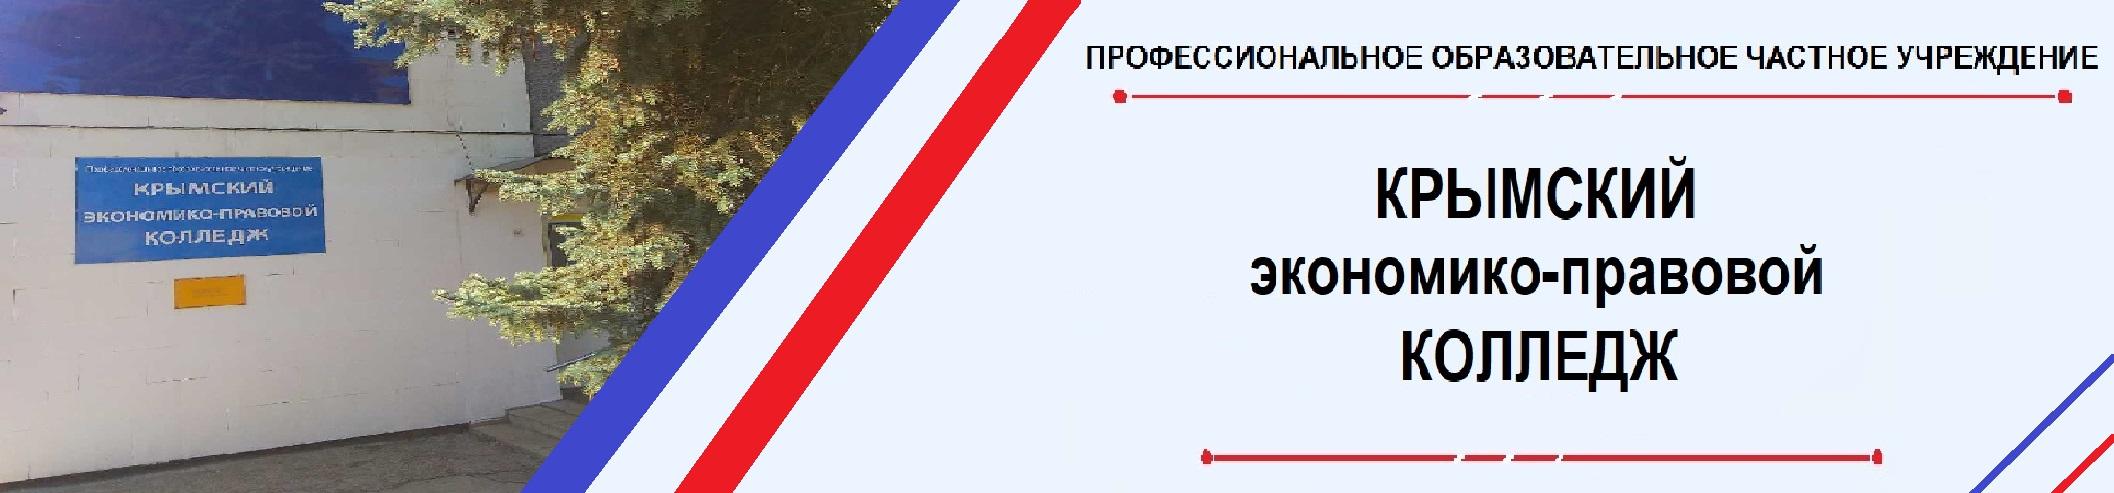 """ПОЧУ """"КРЫМСКИЙ ЭКОНОМИКО-ПРАВОВОЙ КОЛЛЕДЖ"""""""